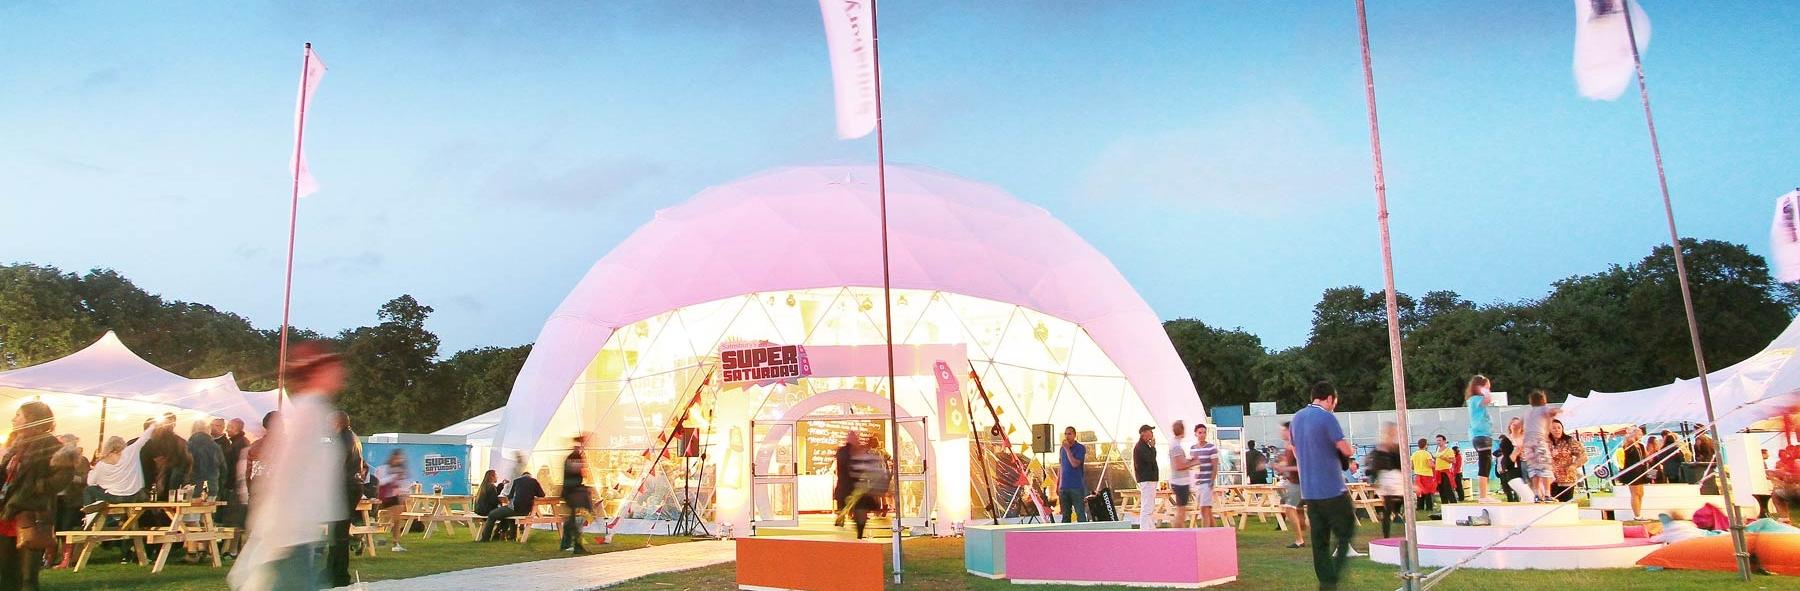 Imponuj?ce o?wietlenie wn?trza struktury kulistej & Freedomes dome tents - Sainsburyu0027s Super Saturday event